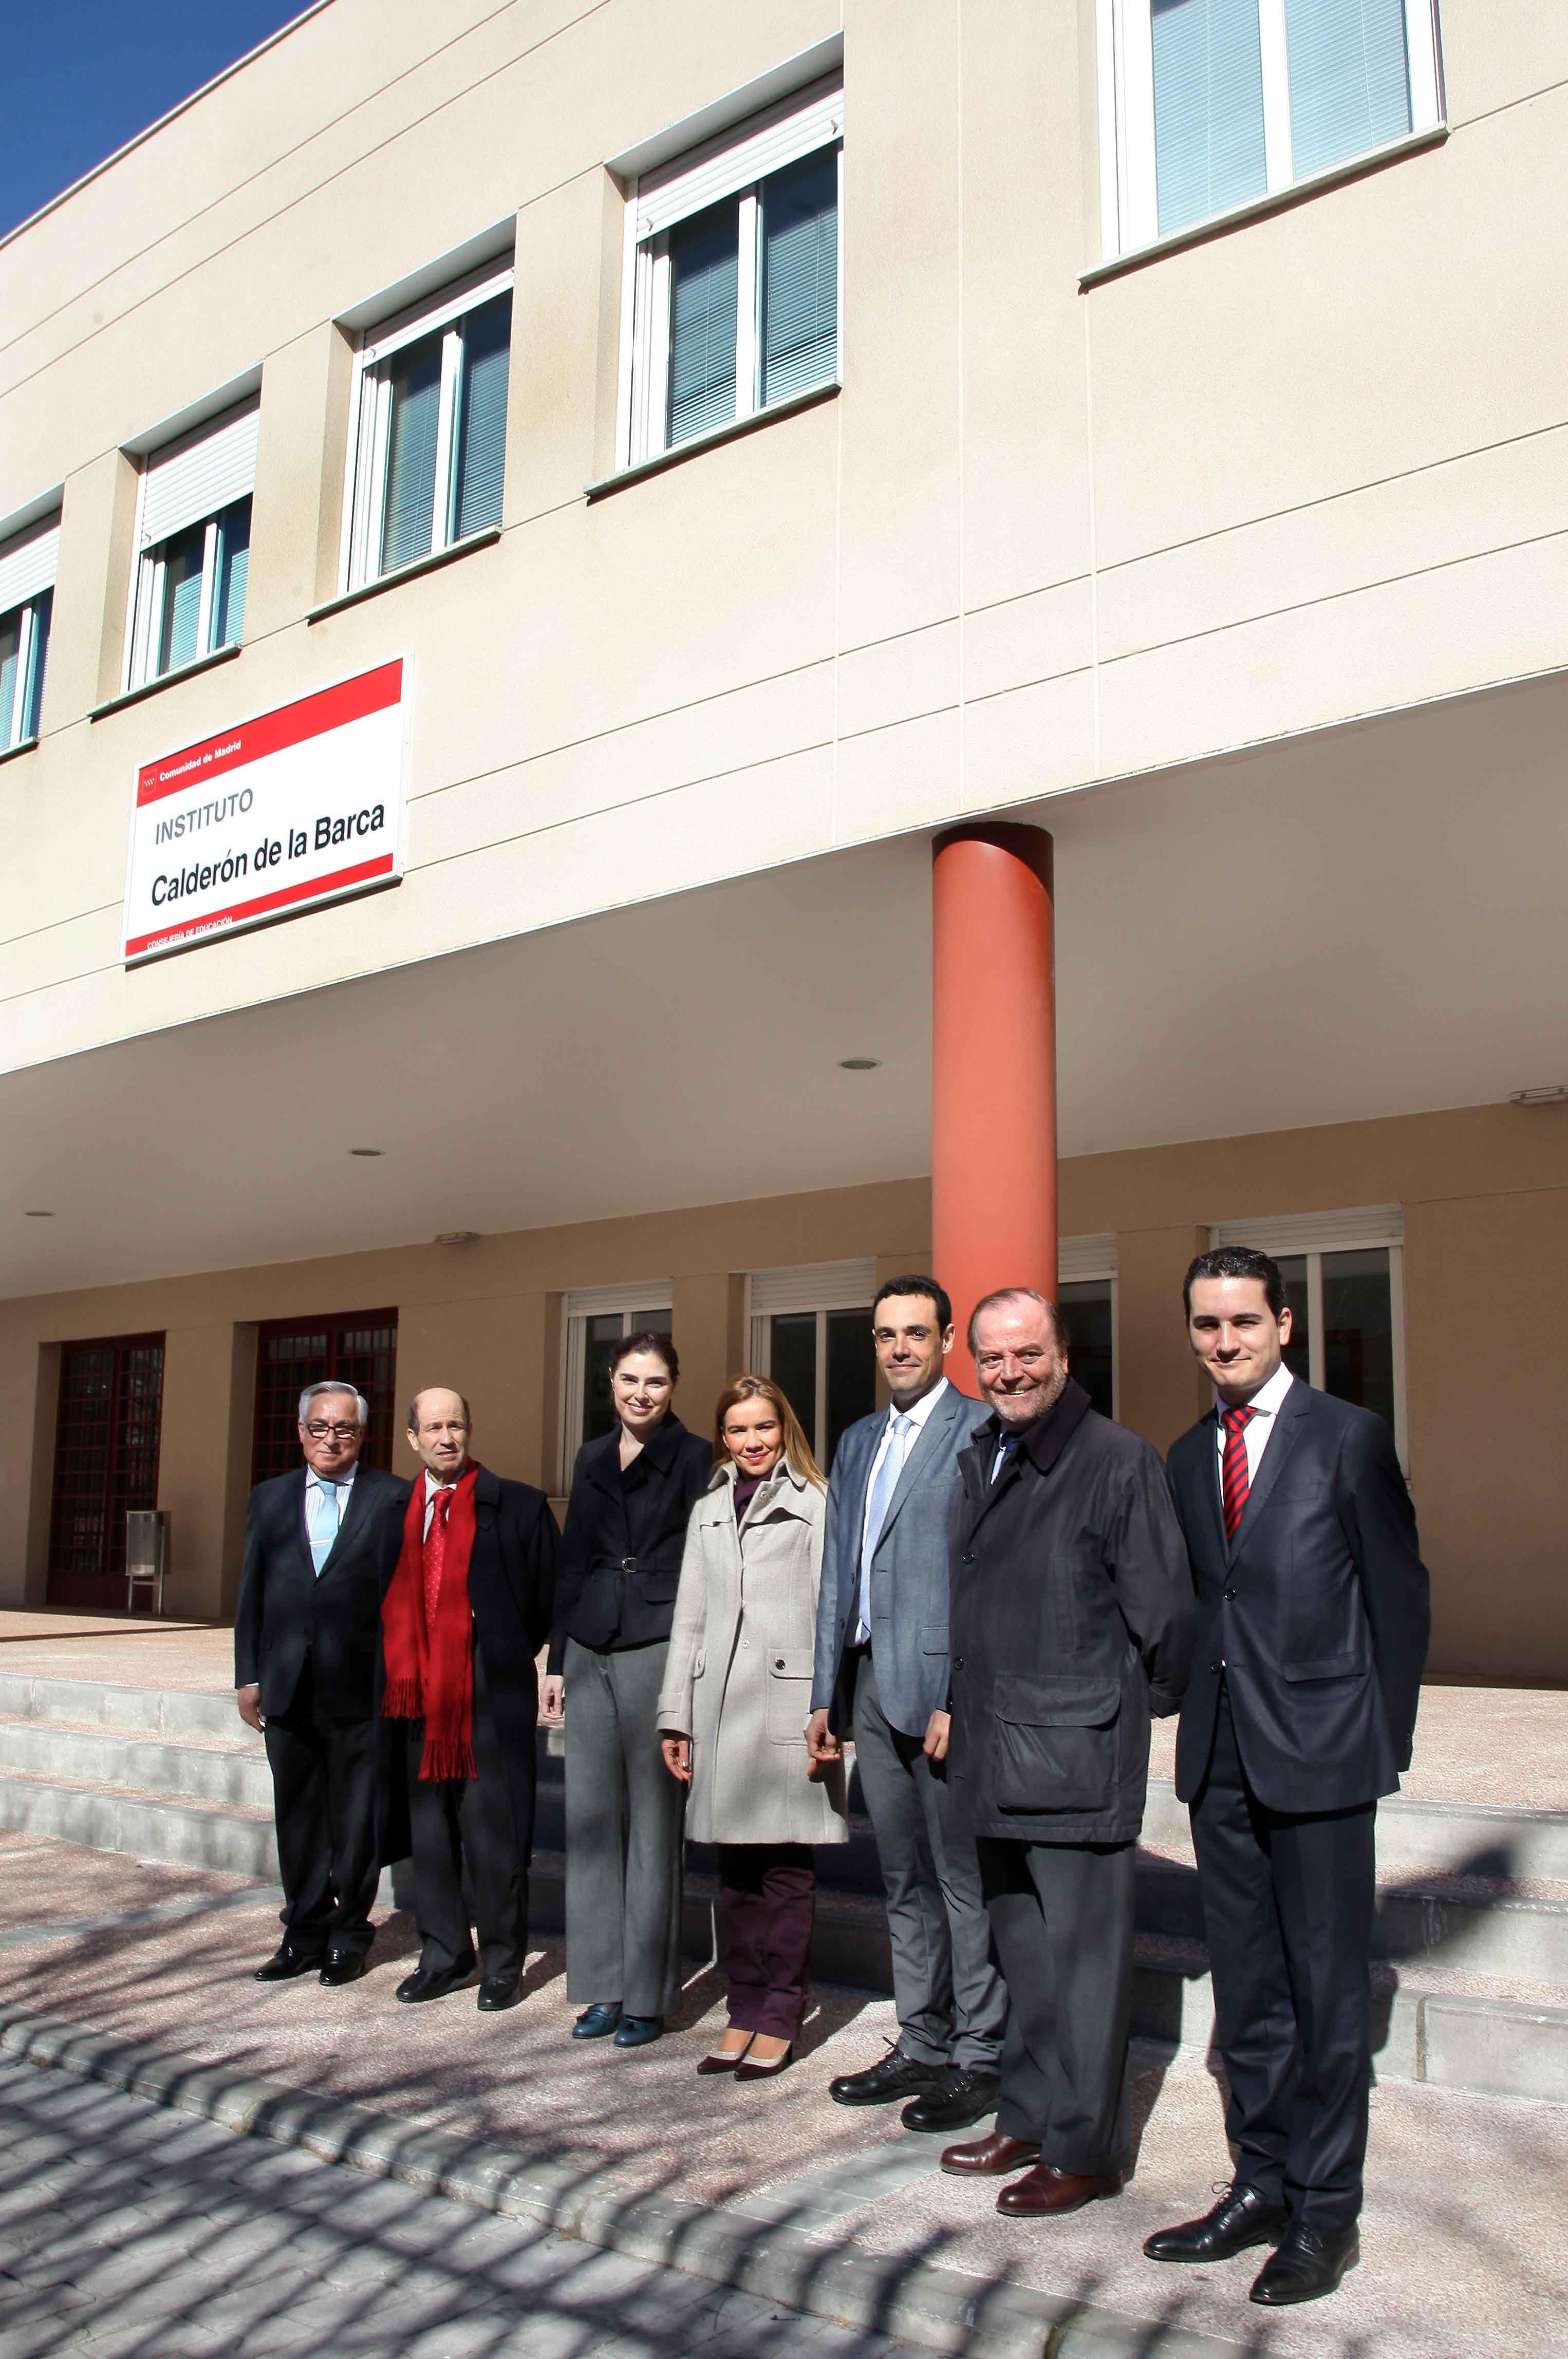 Actualidad - Se han invertido 20 millones de euros desde 2004 en infraestructuras educativas en Pinto